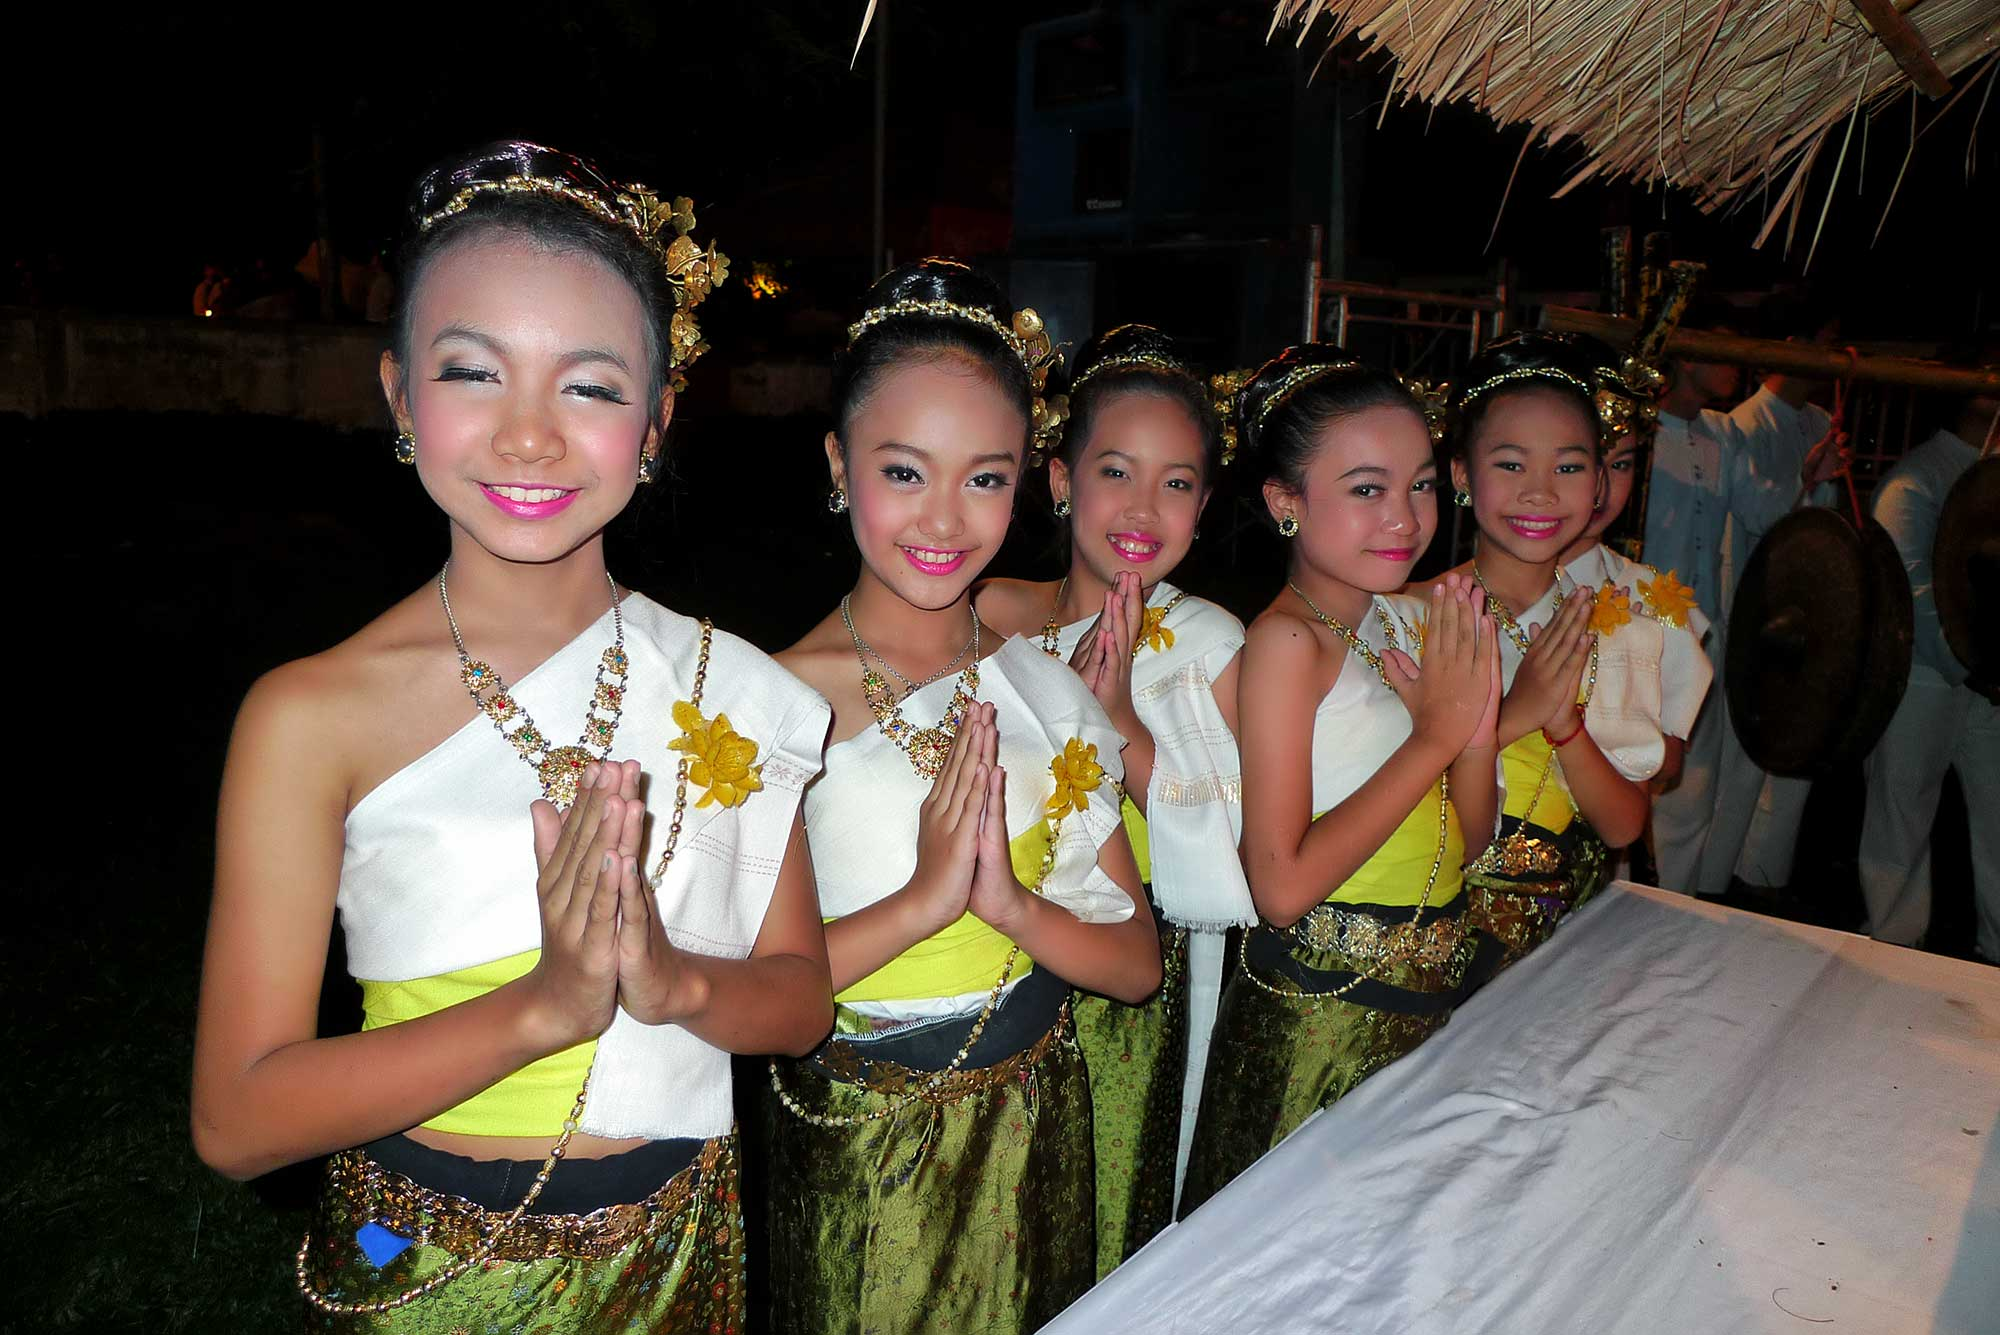 Thai girls at the parade